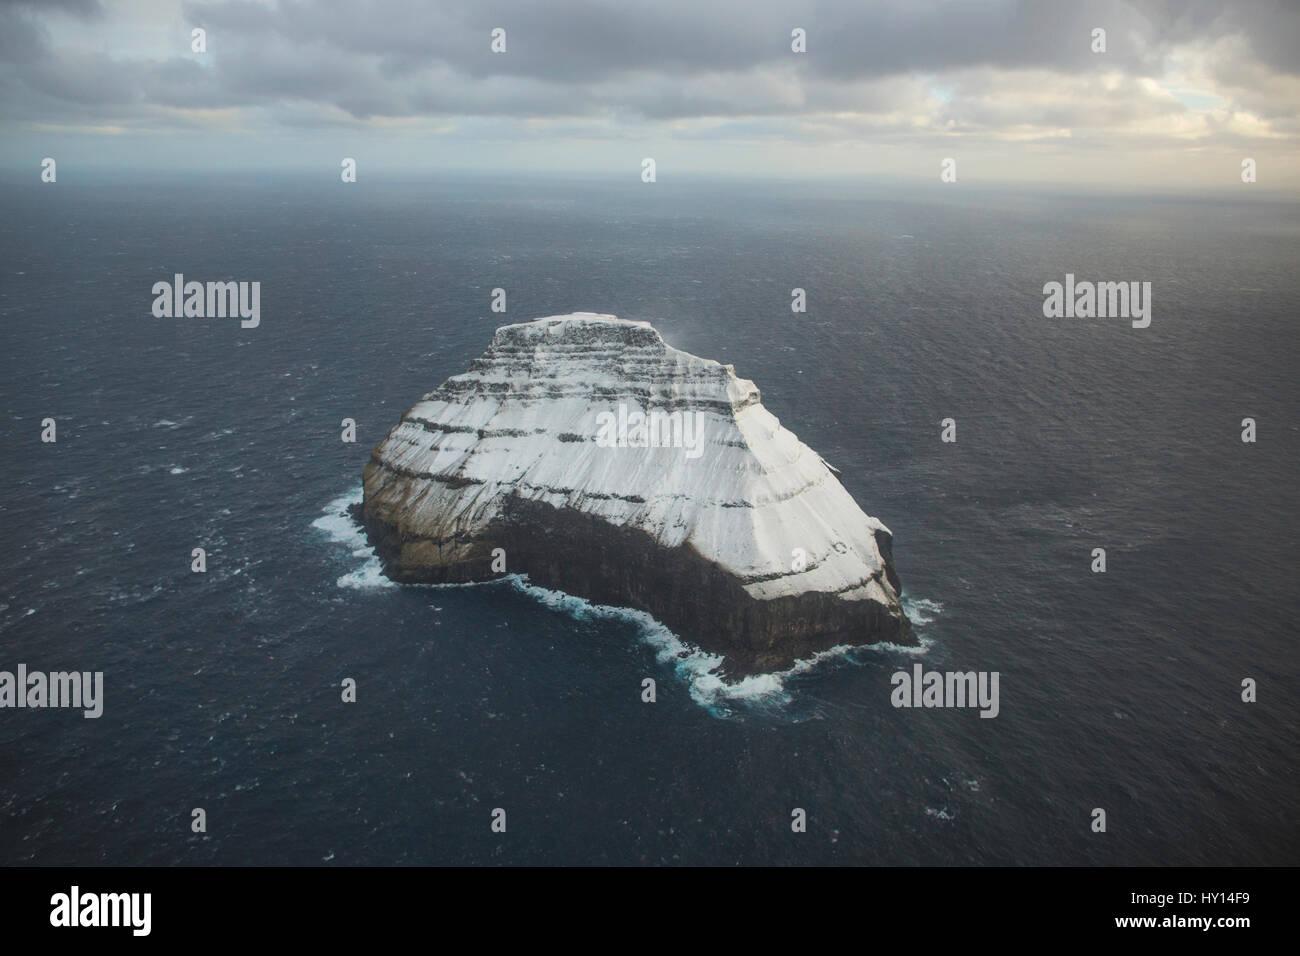 Schnee bedeckten Inseln gesehen von einem Hubschrauberflug, Frodba mit Atlantic Airways auf den Färöer Inseln. Stockfoto